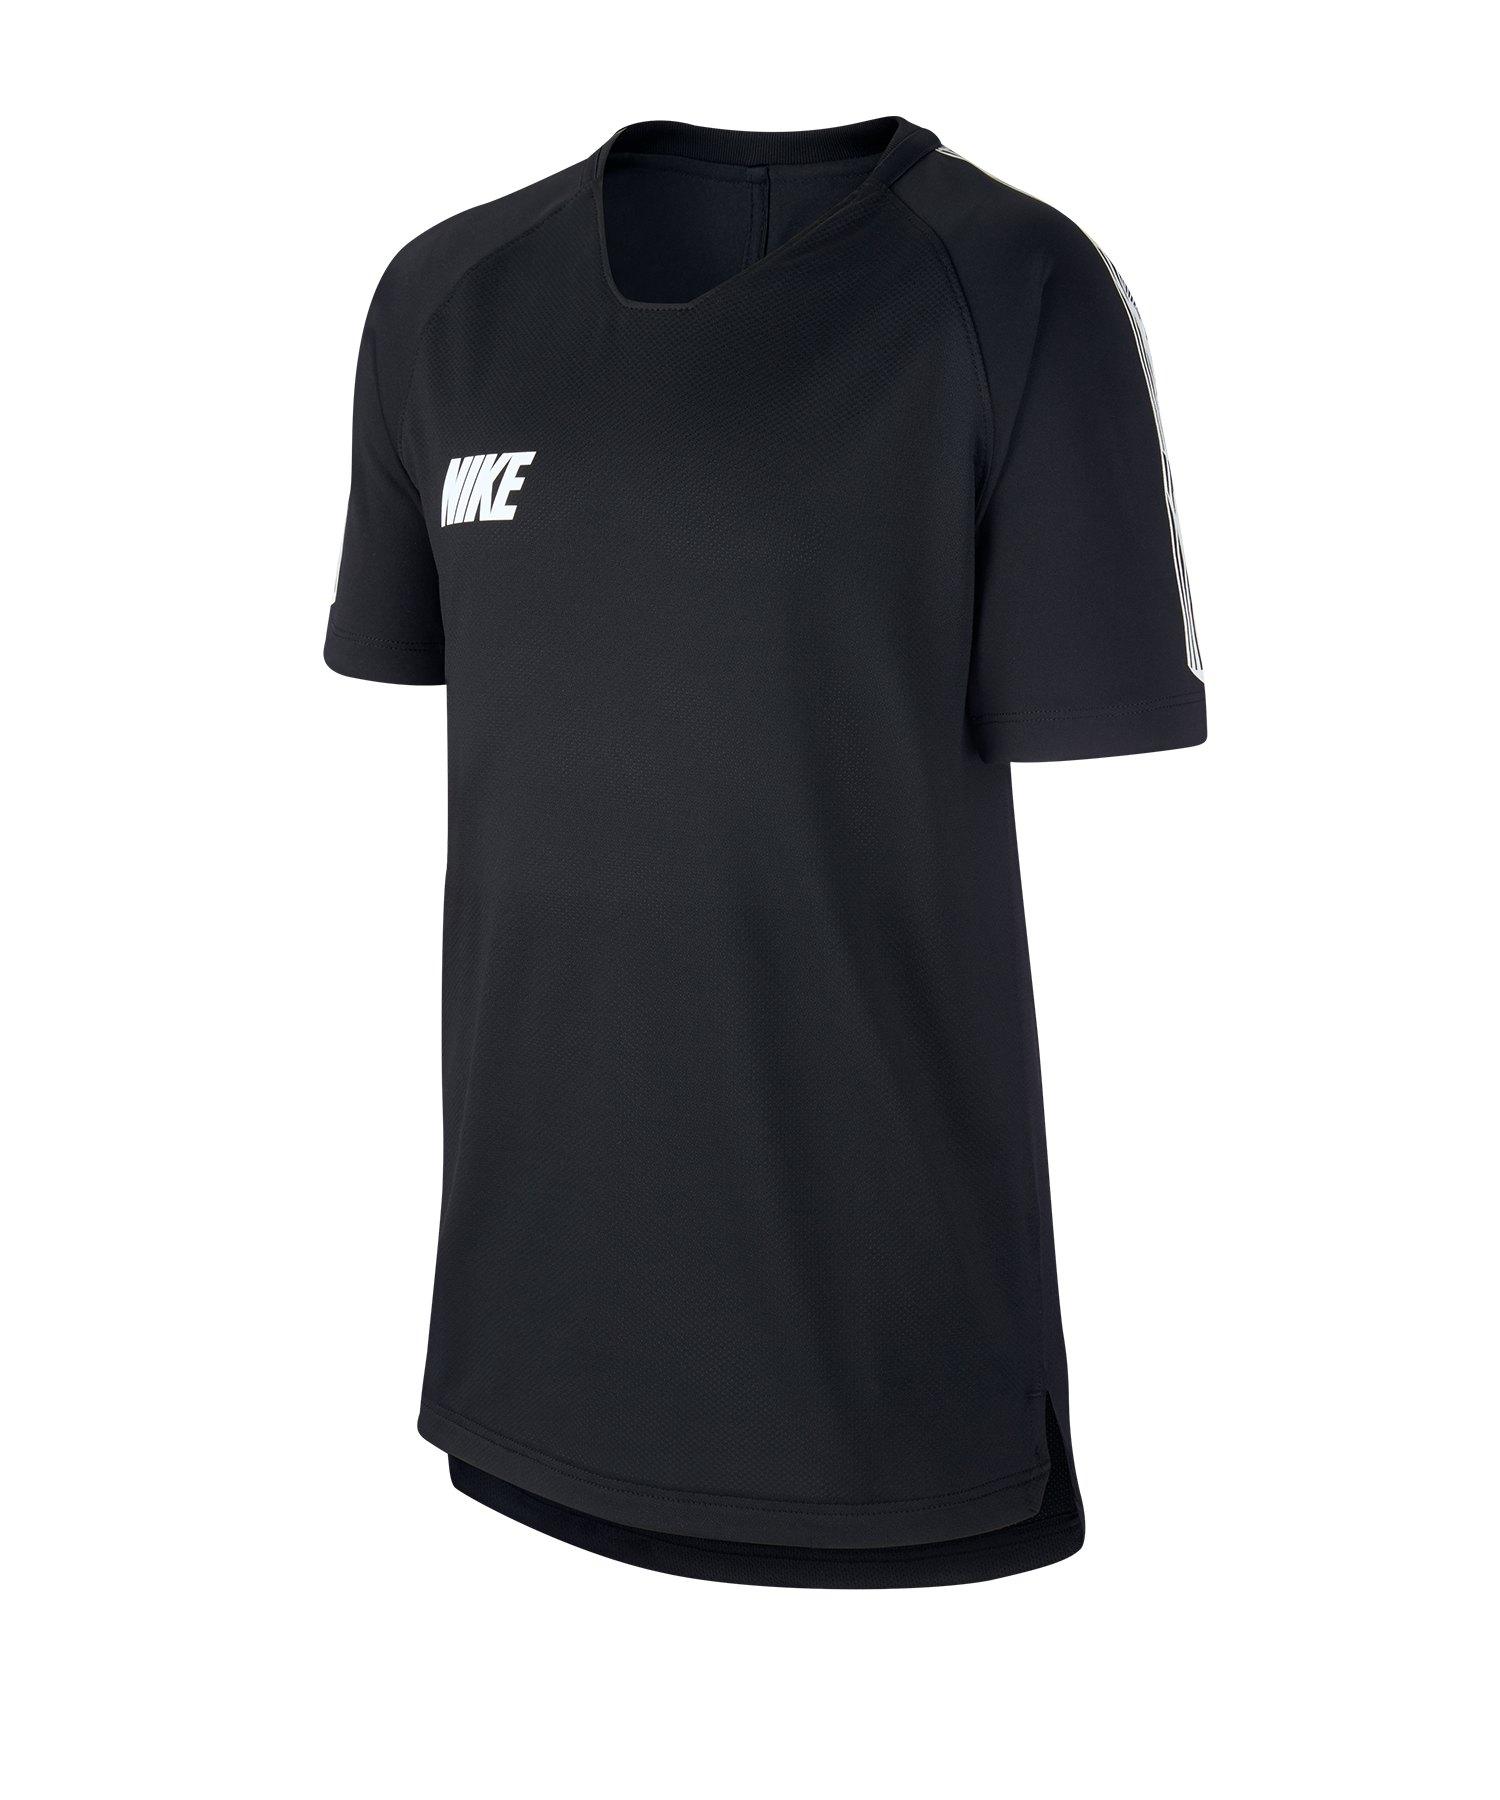 Nike Squad 19 Breathe T-Shirt Kids Schwarz F014 - schwarz